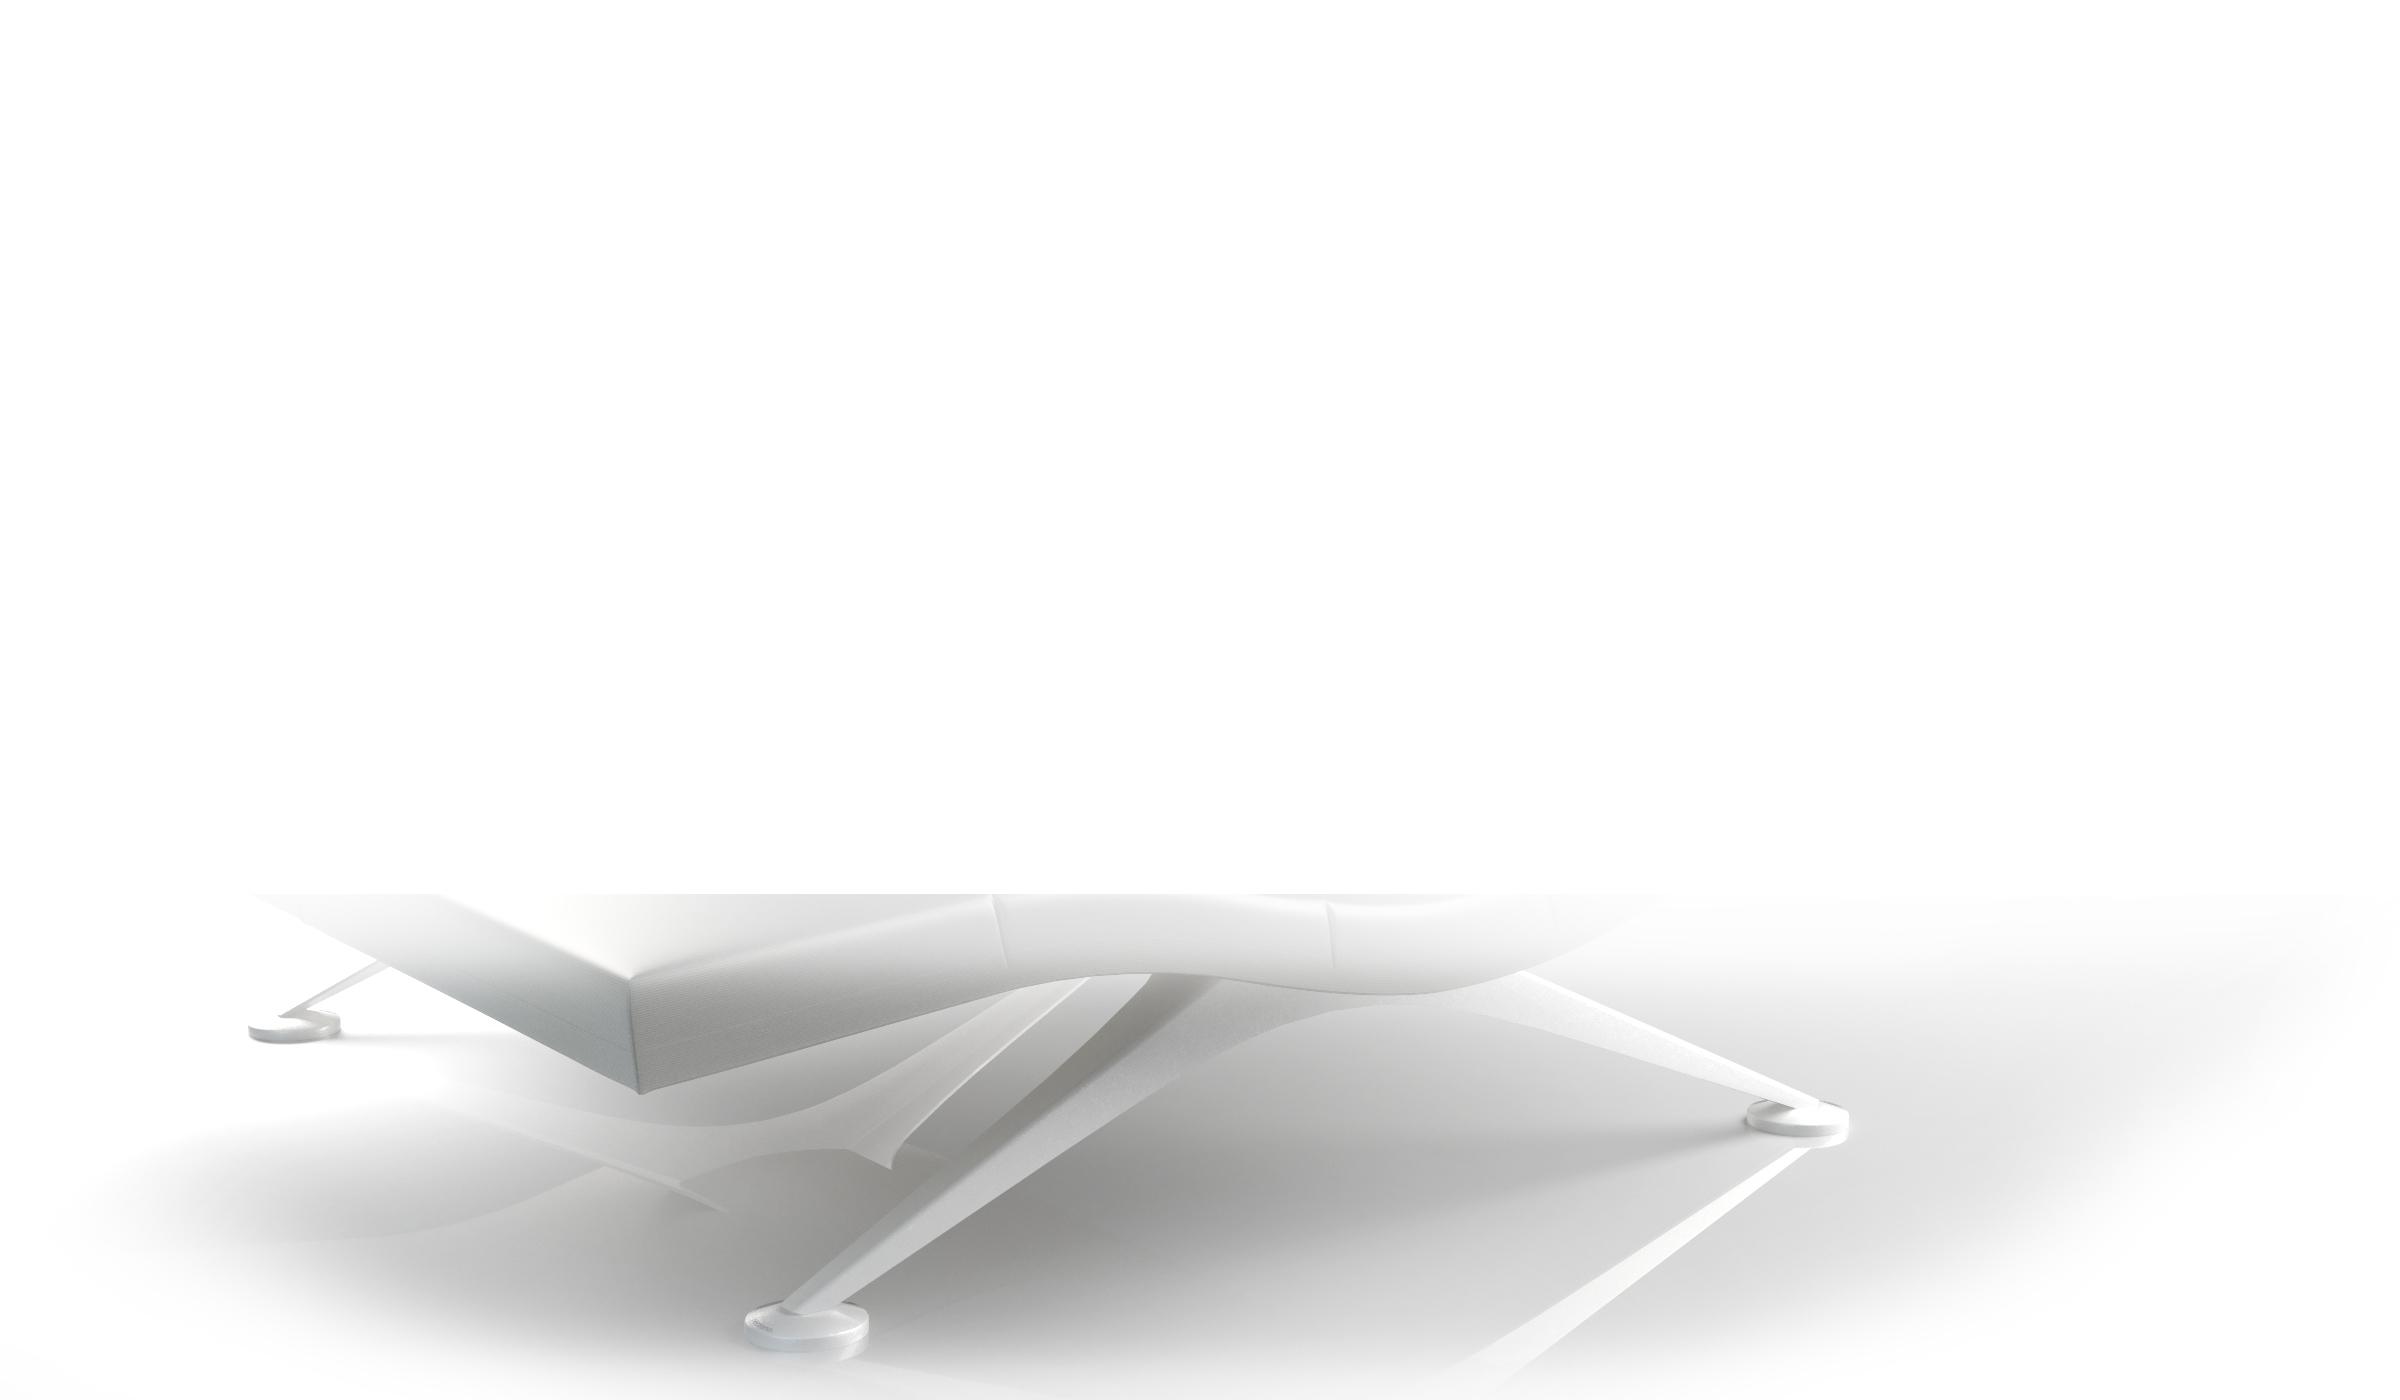 bedden-configurator